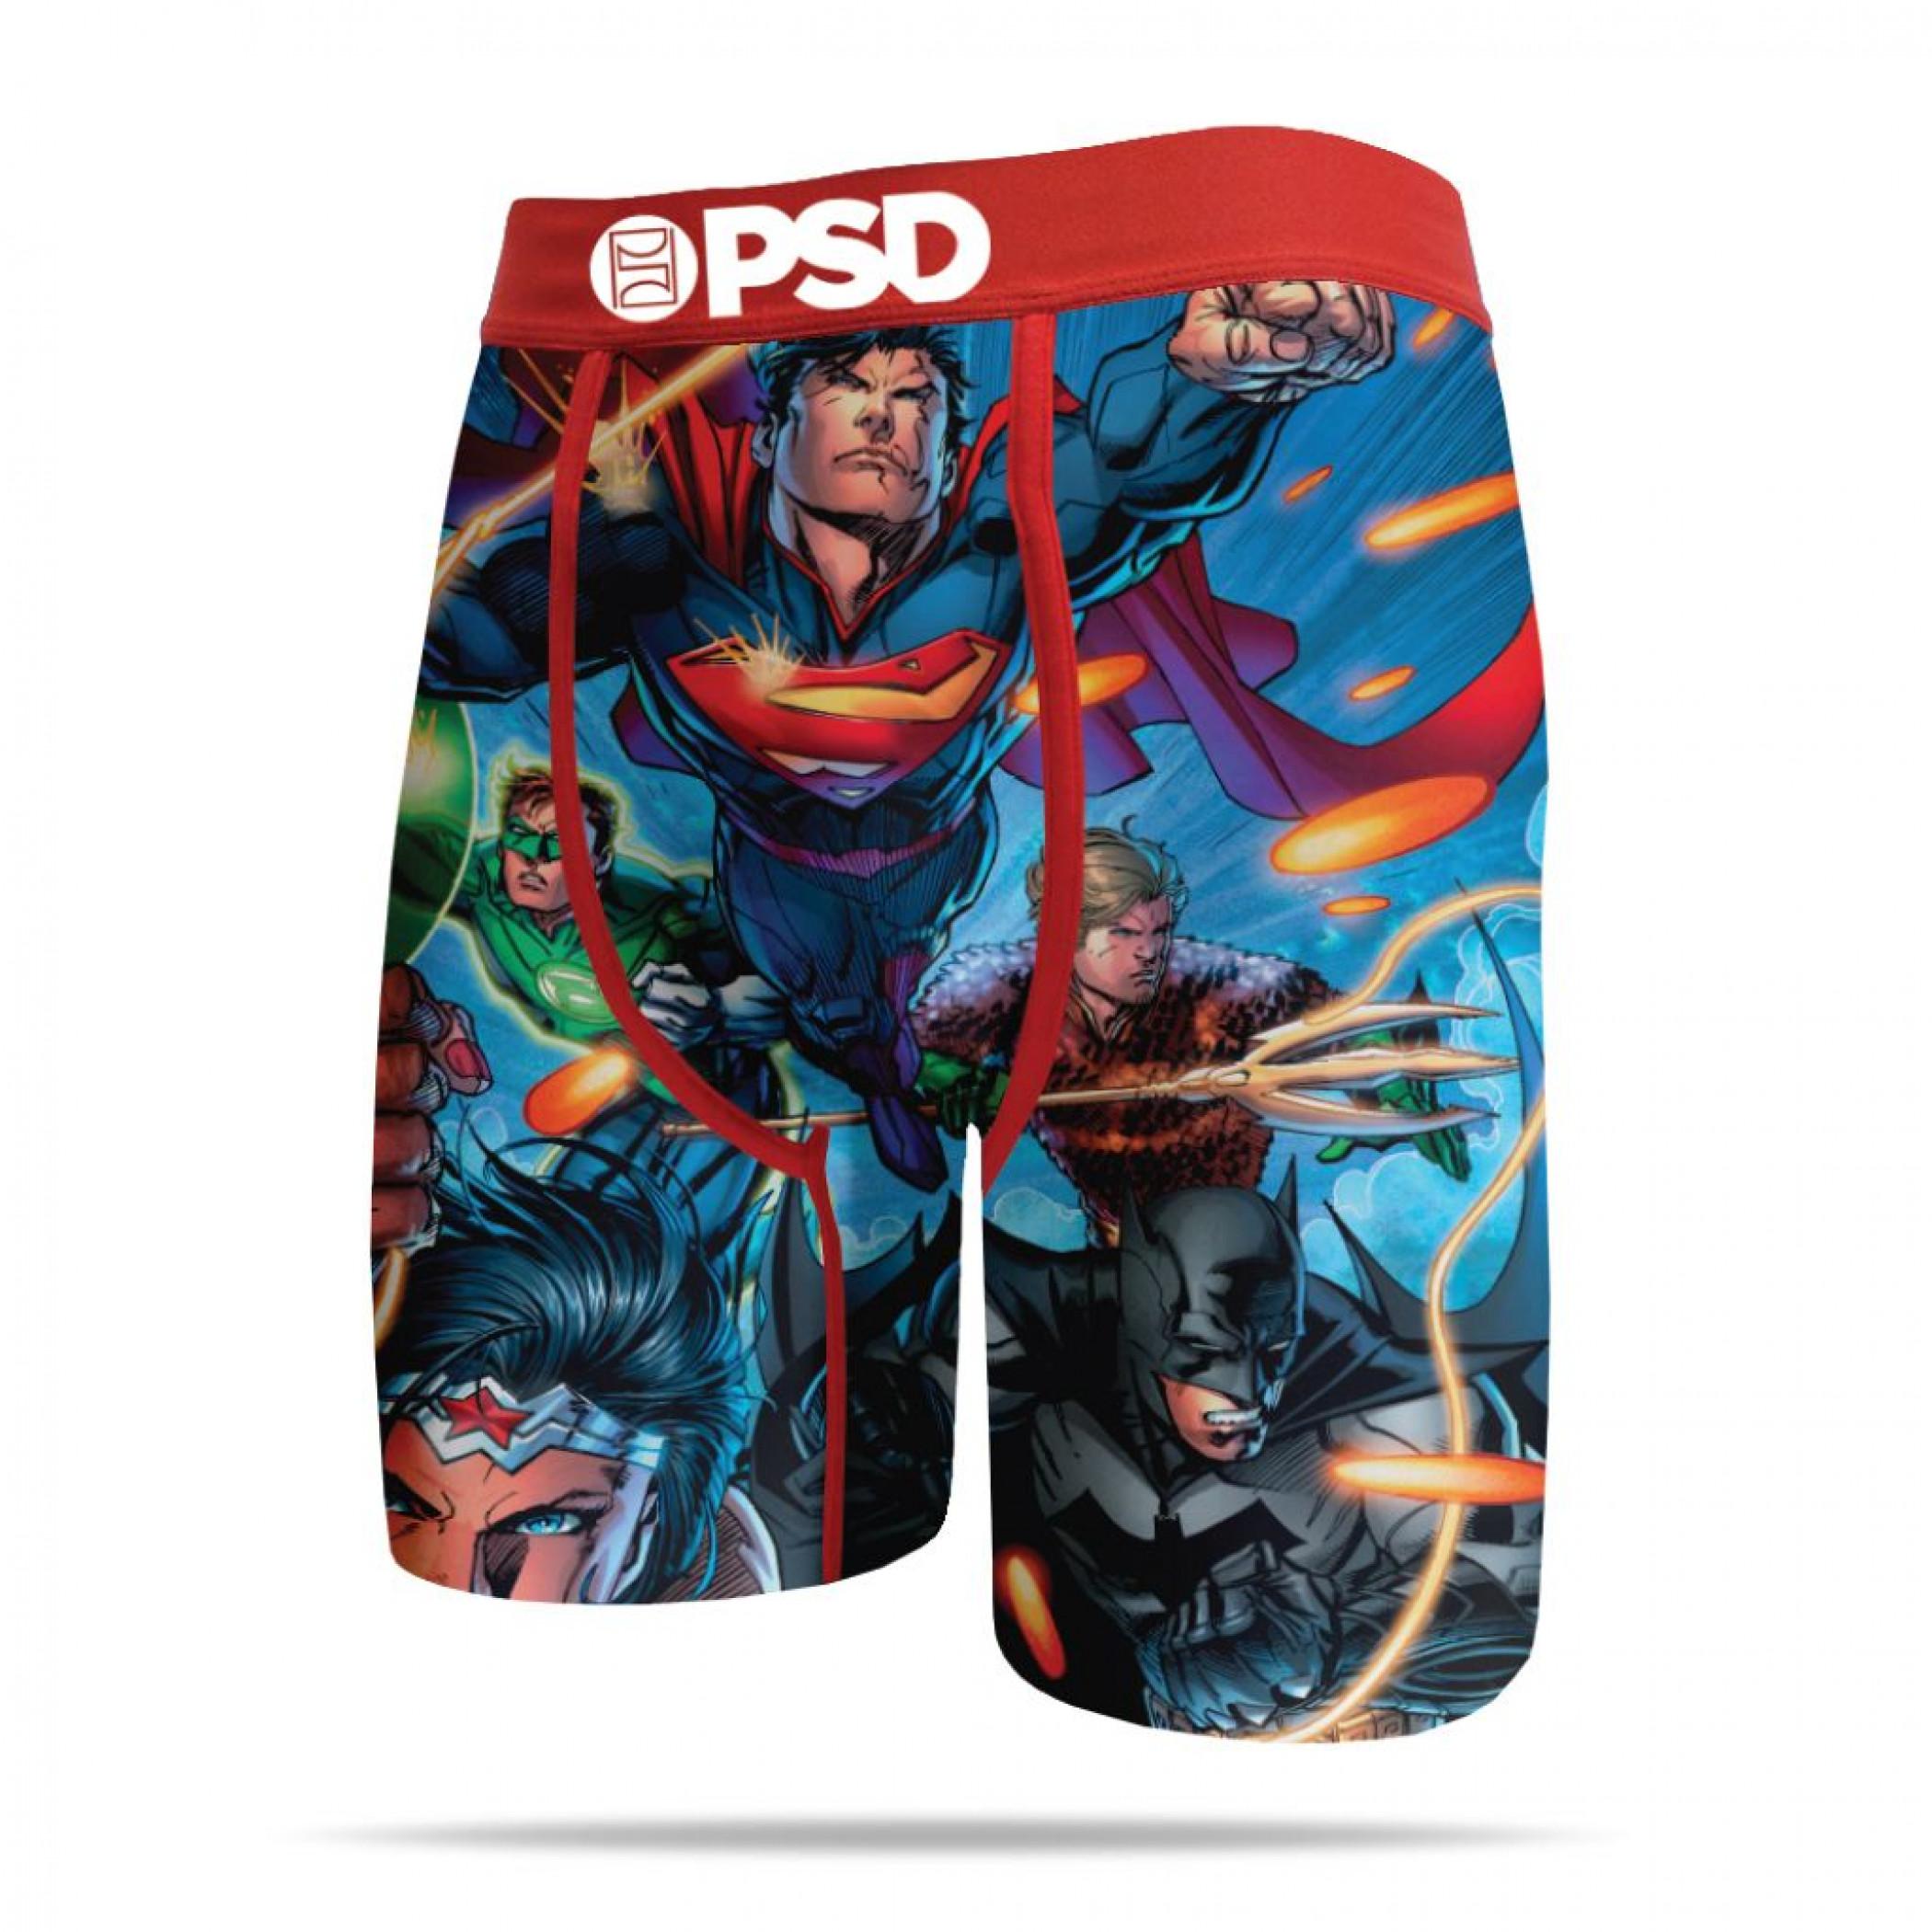 DC Comics Justice League Heroes Charge! Men's PSD Boxer Briefs